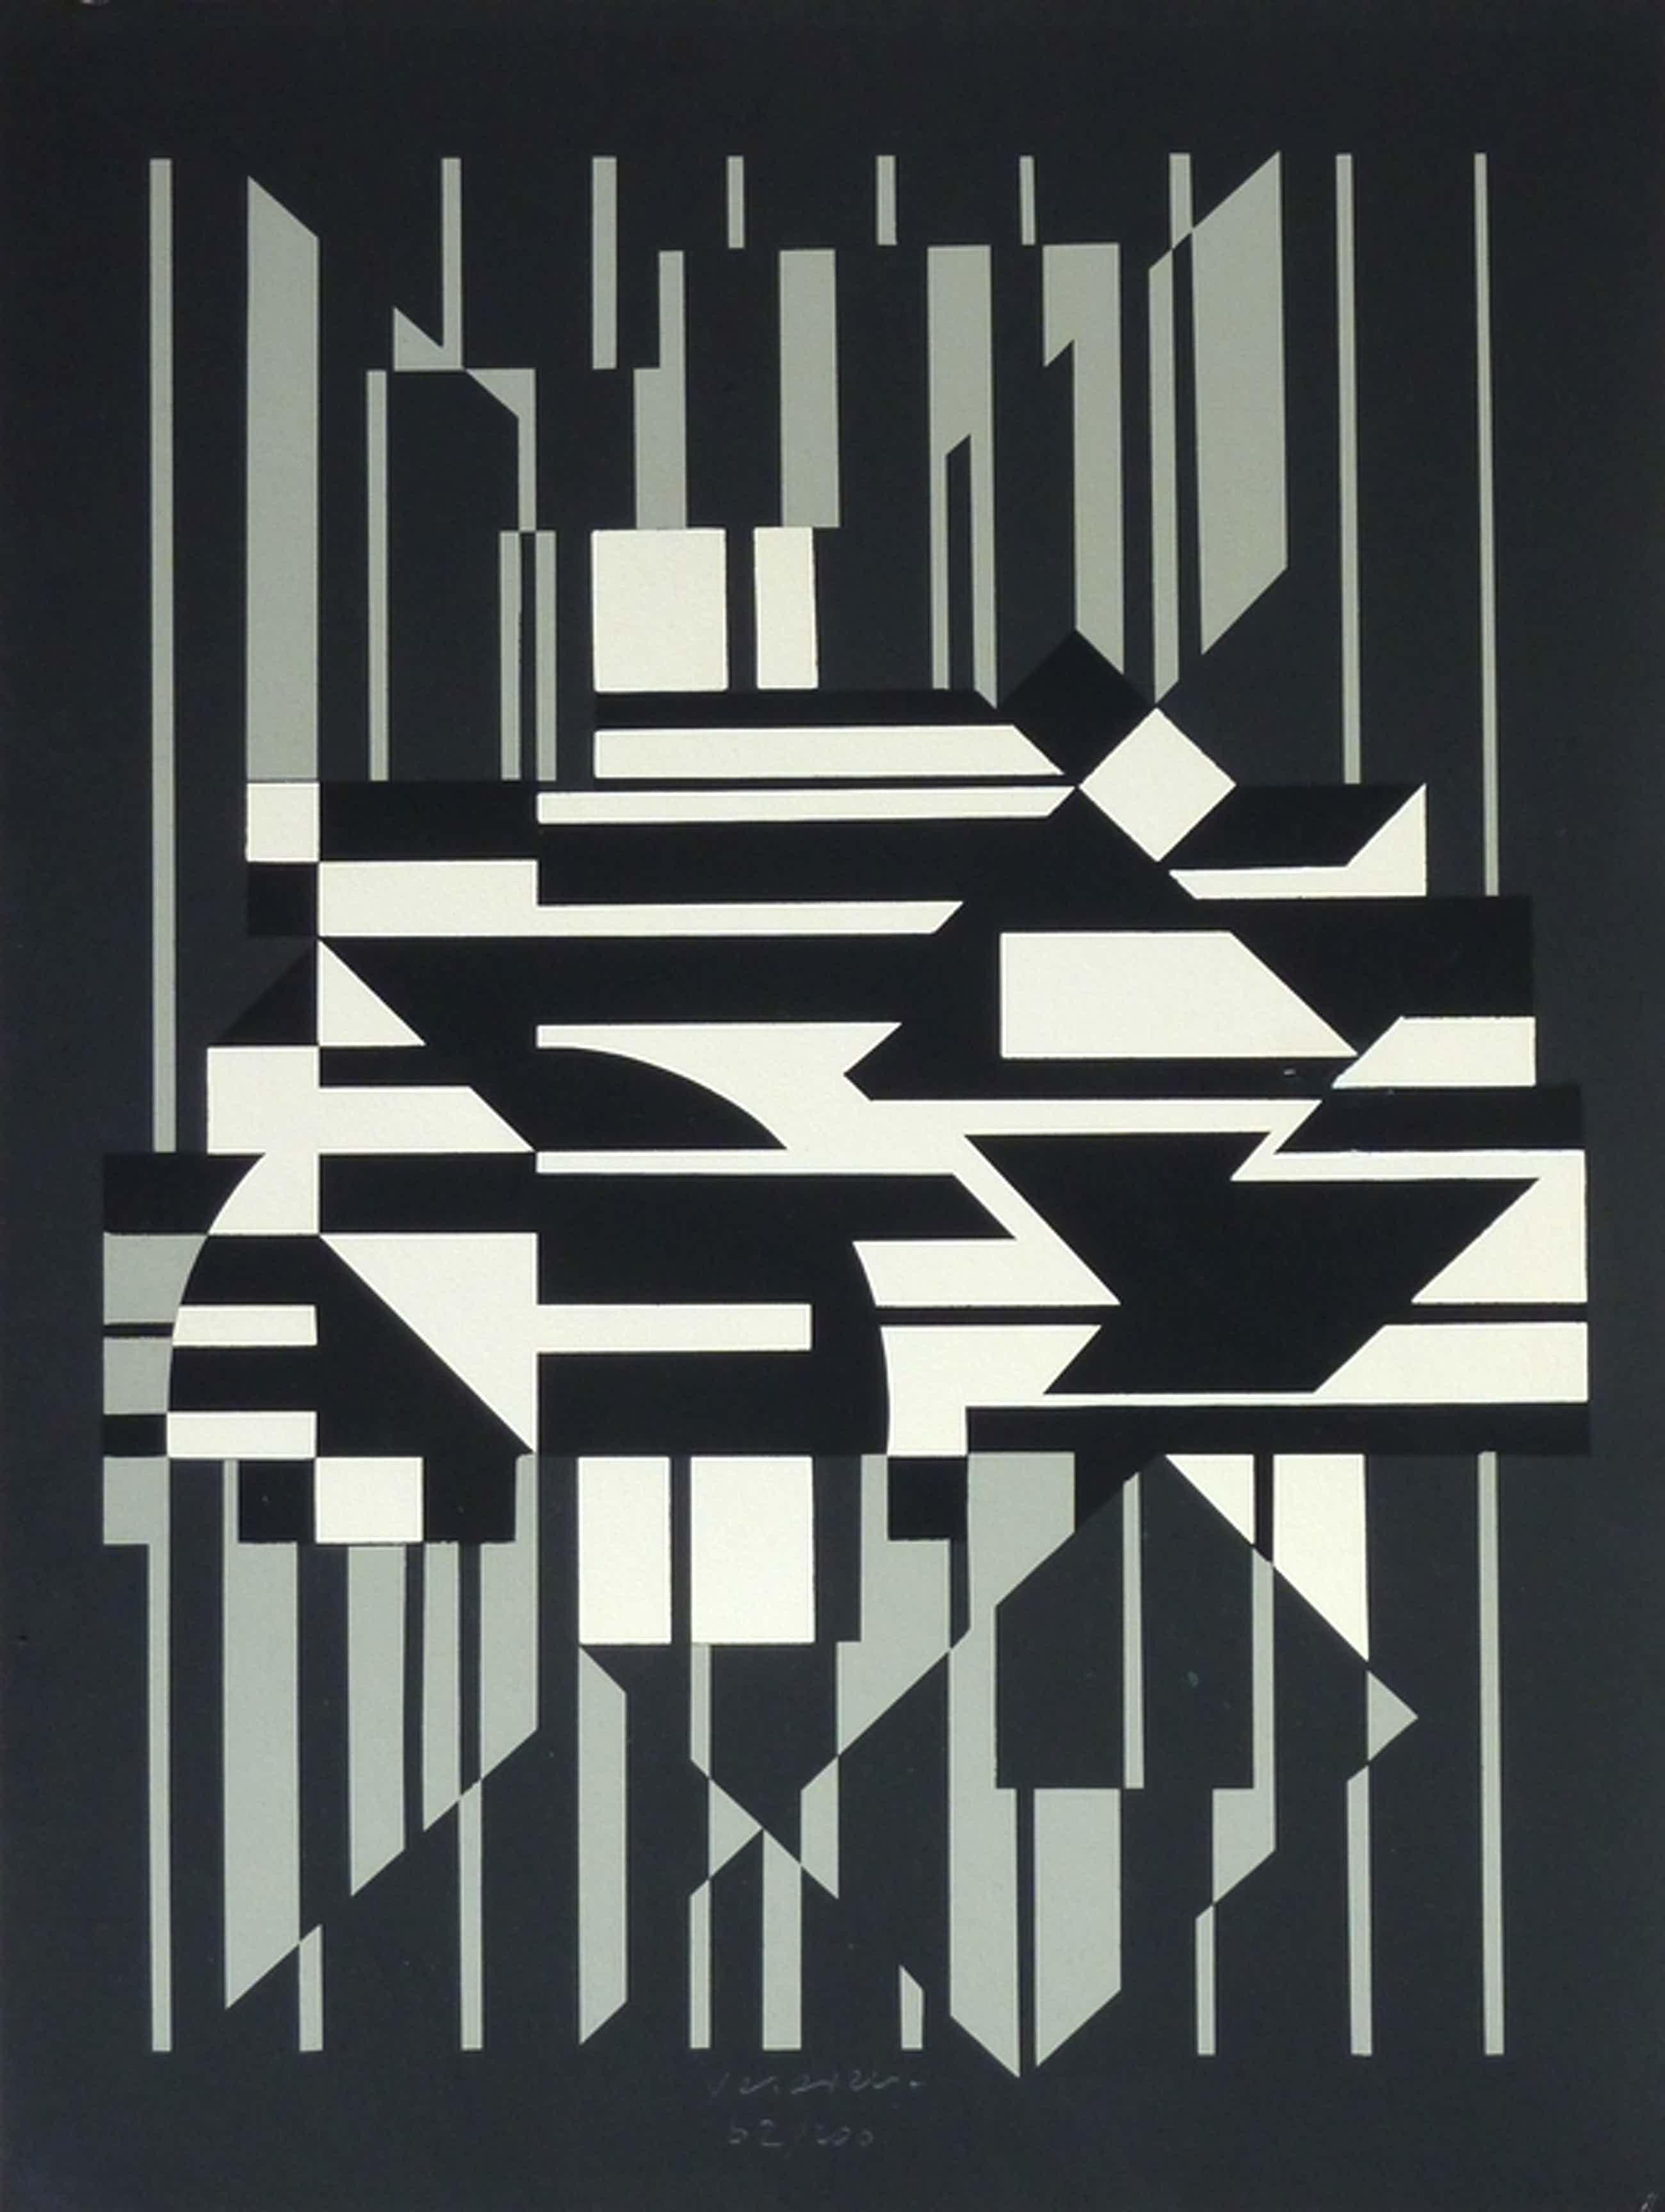 Victor Vasarely - zeefdruk - 'Horn' - 1956 kopen? Bied vanaf 290!